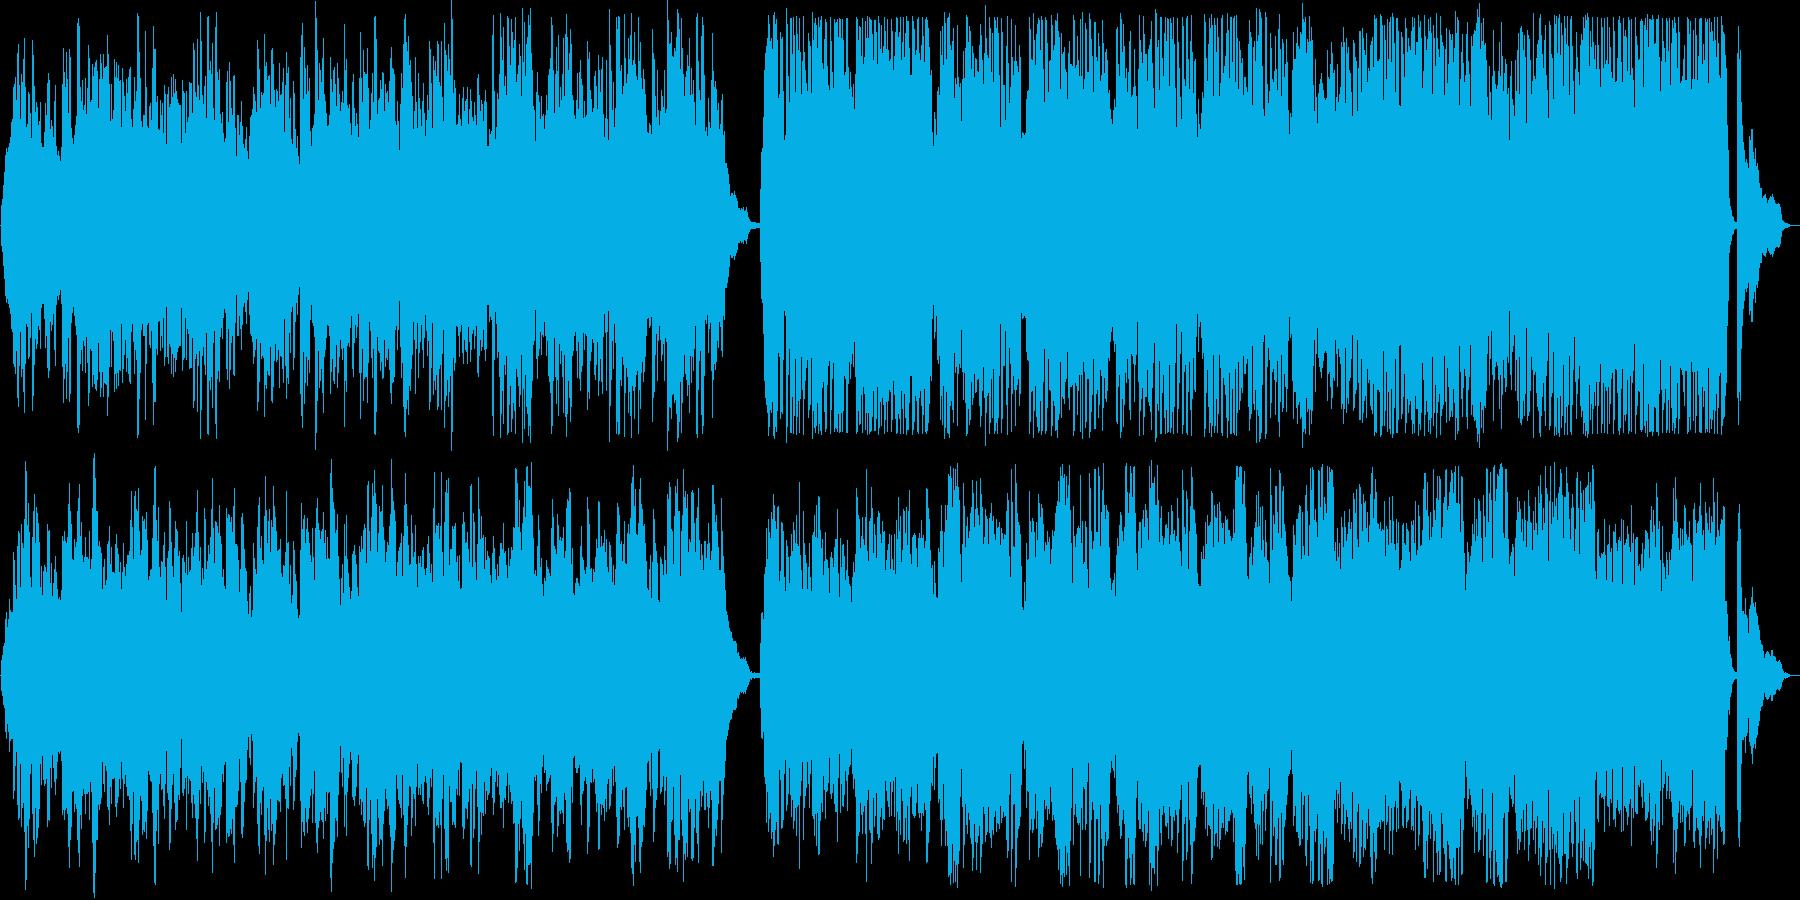 流れるような美しいバイオリンとピアノの曲の再生済みの波形